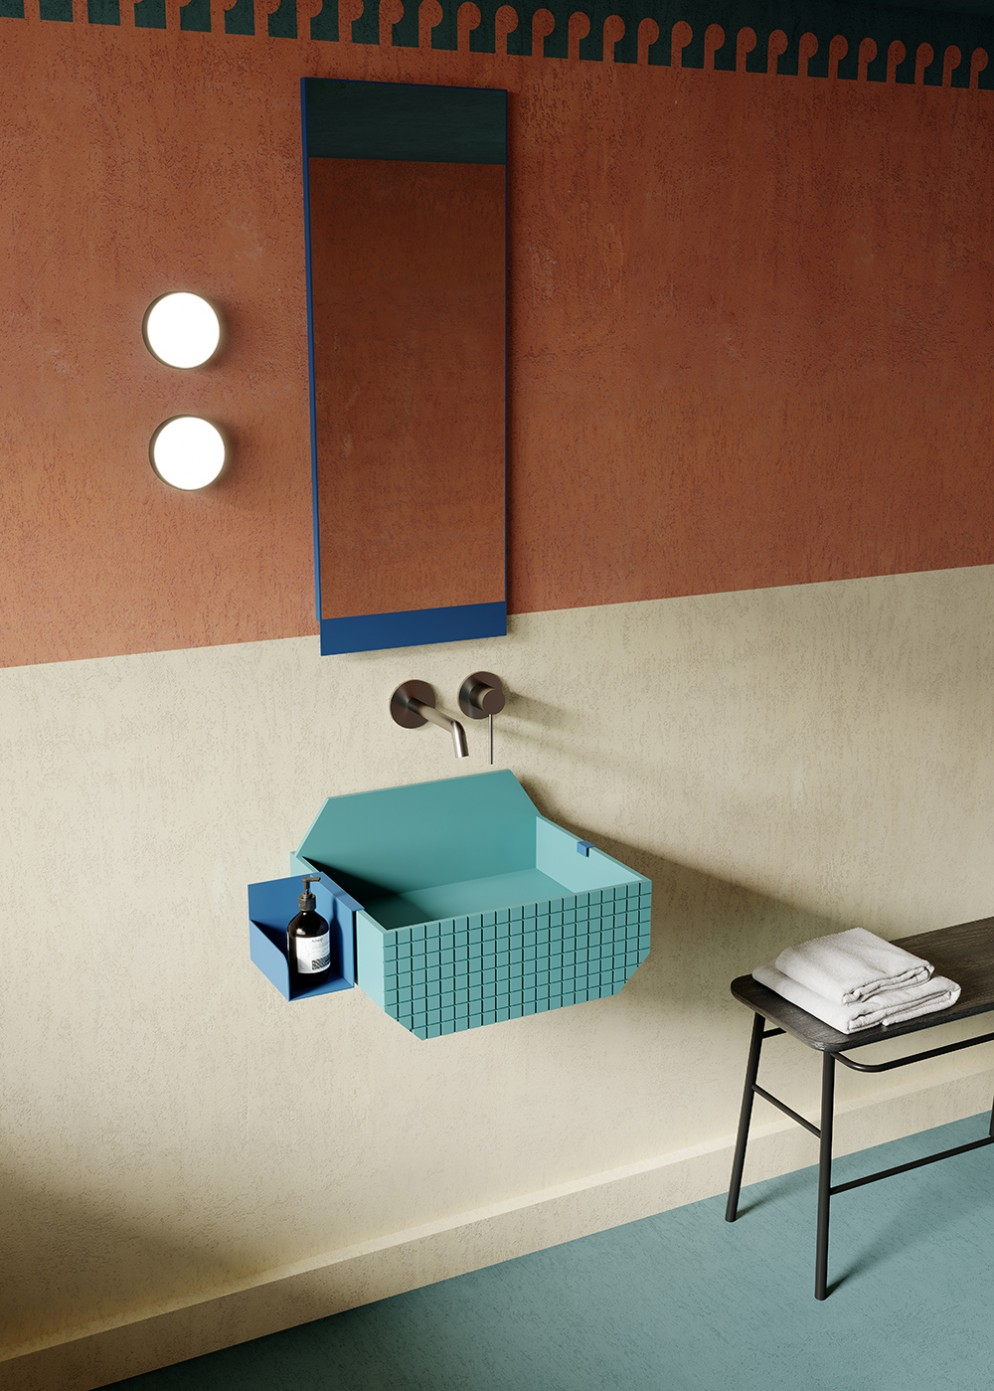 bagno-piccolo-colore-8. sanitari-colorati-lavabo-01-Frieze_A-living-corriere